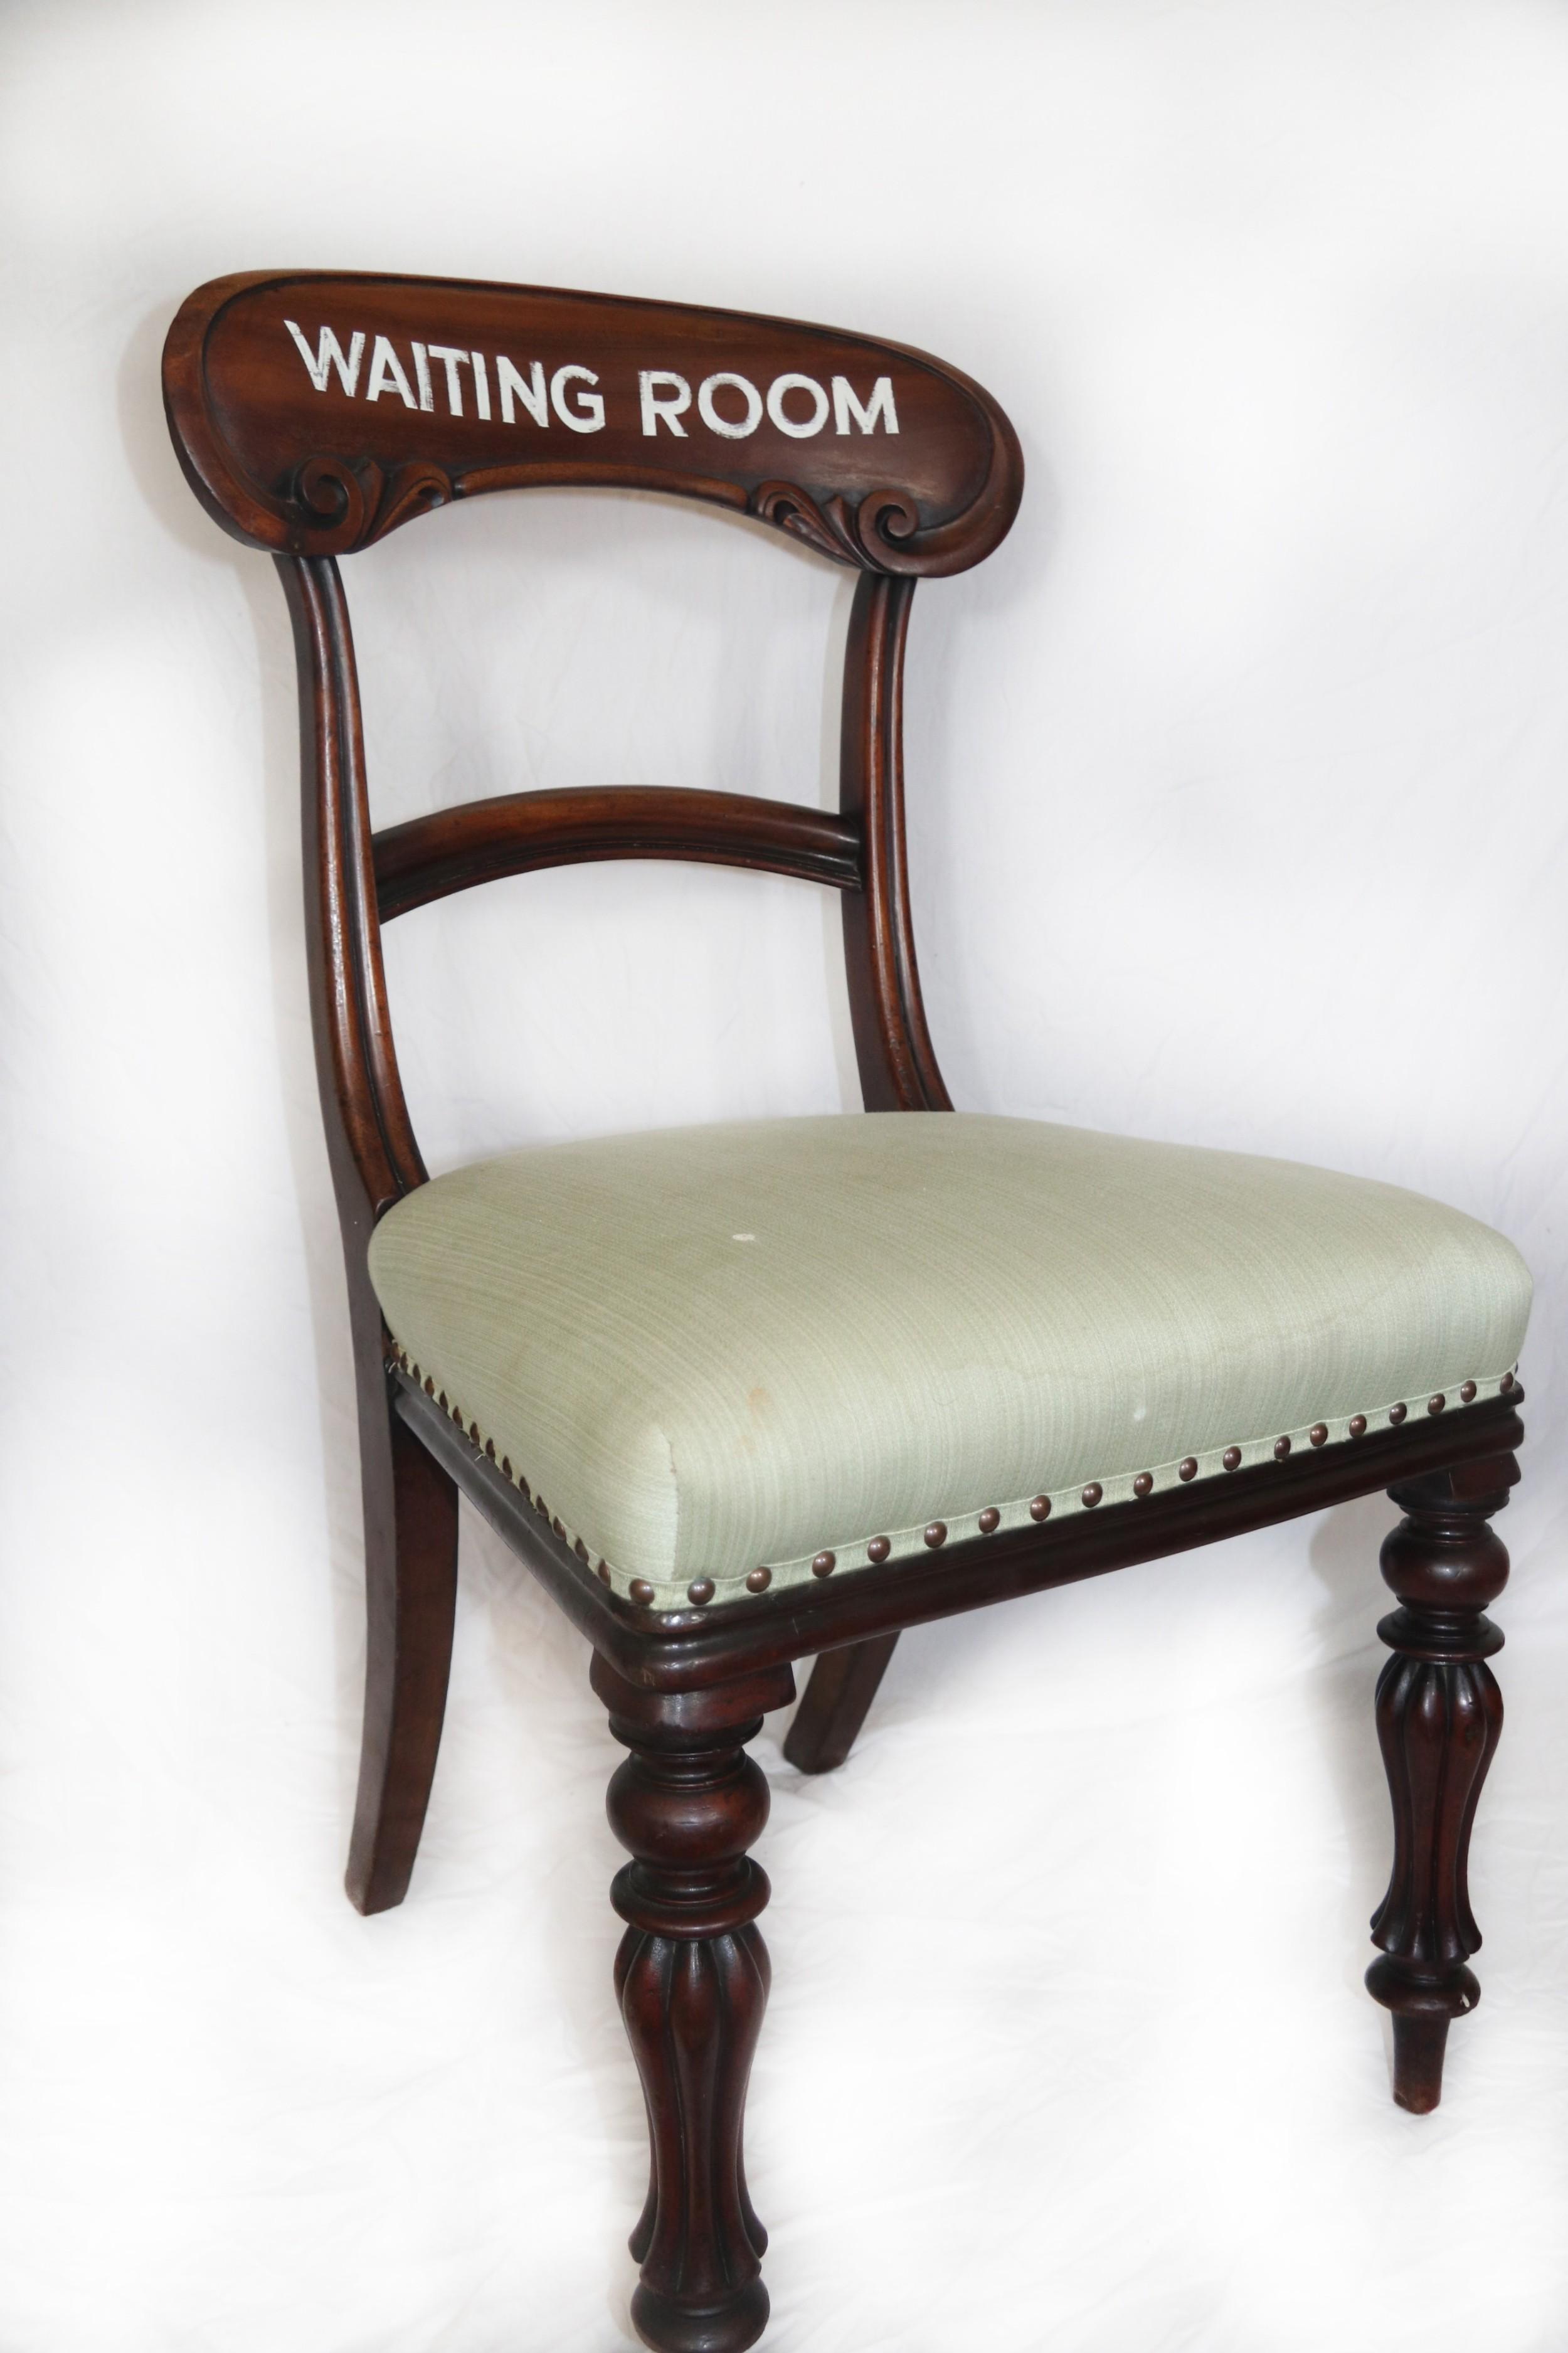 llangollen waiting room chair